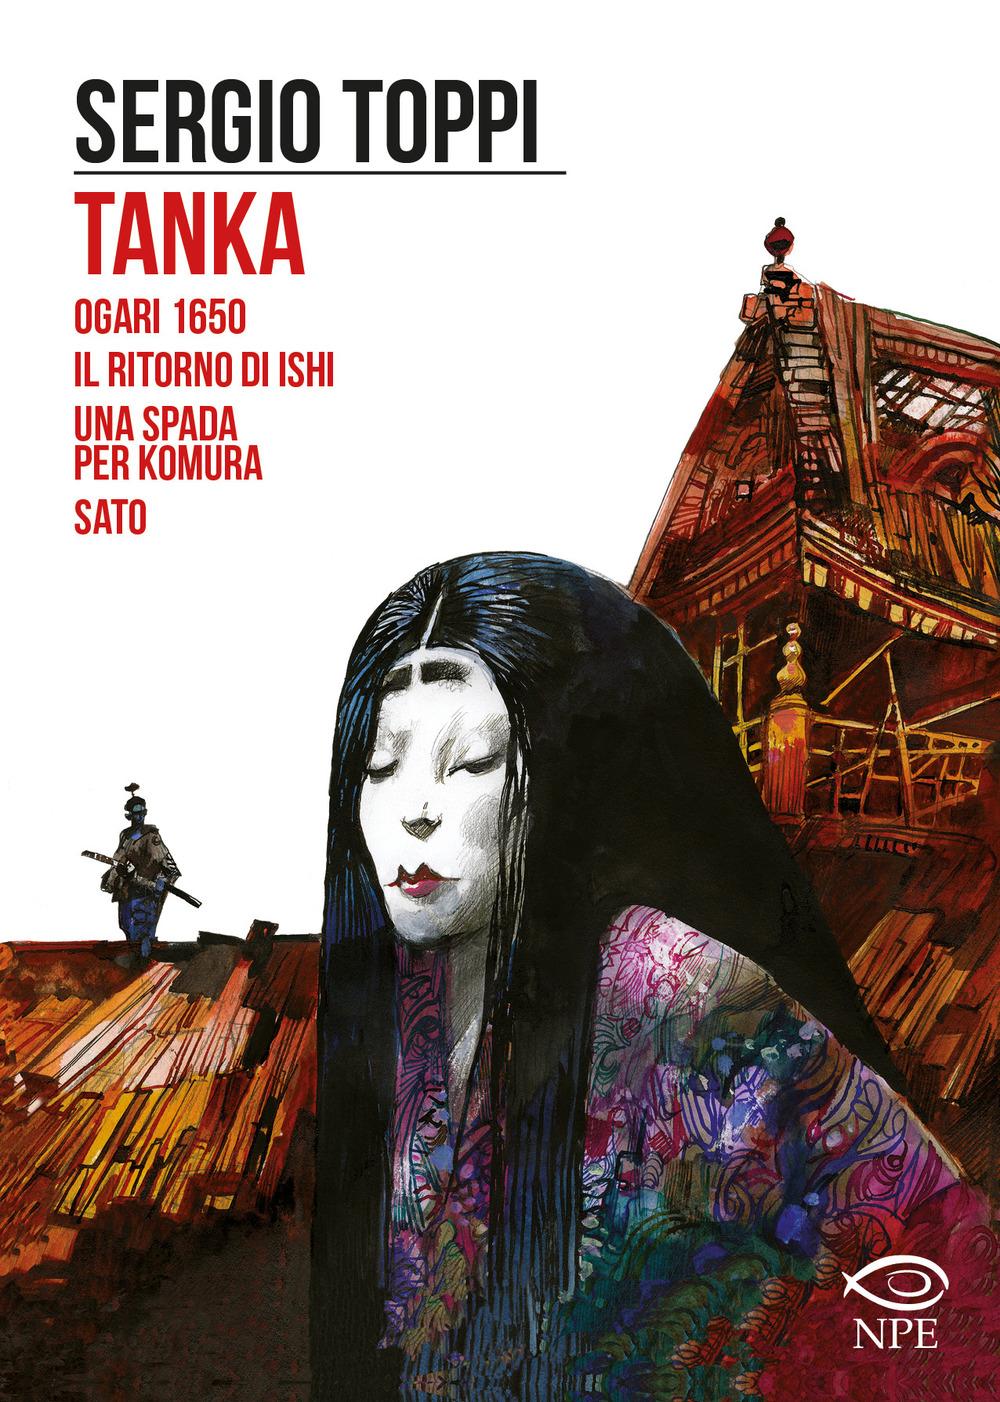 TANKA-OGARI 1650-IL RITORNO DI ISHI-UNA SPADA PER KOMURA-SATO - Toppi Sergio - 9788894818390